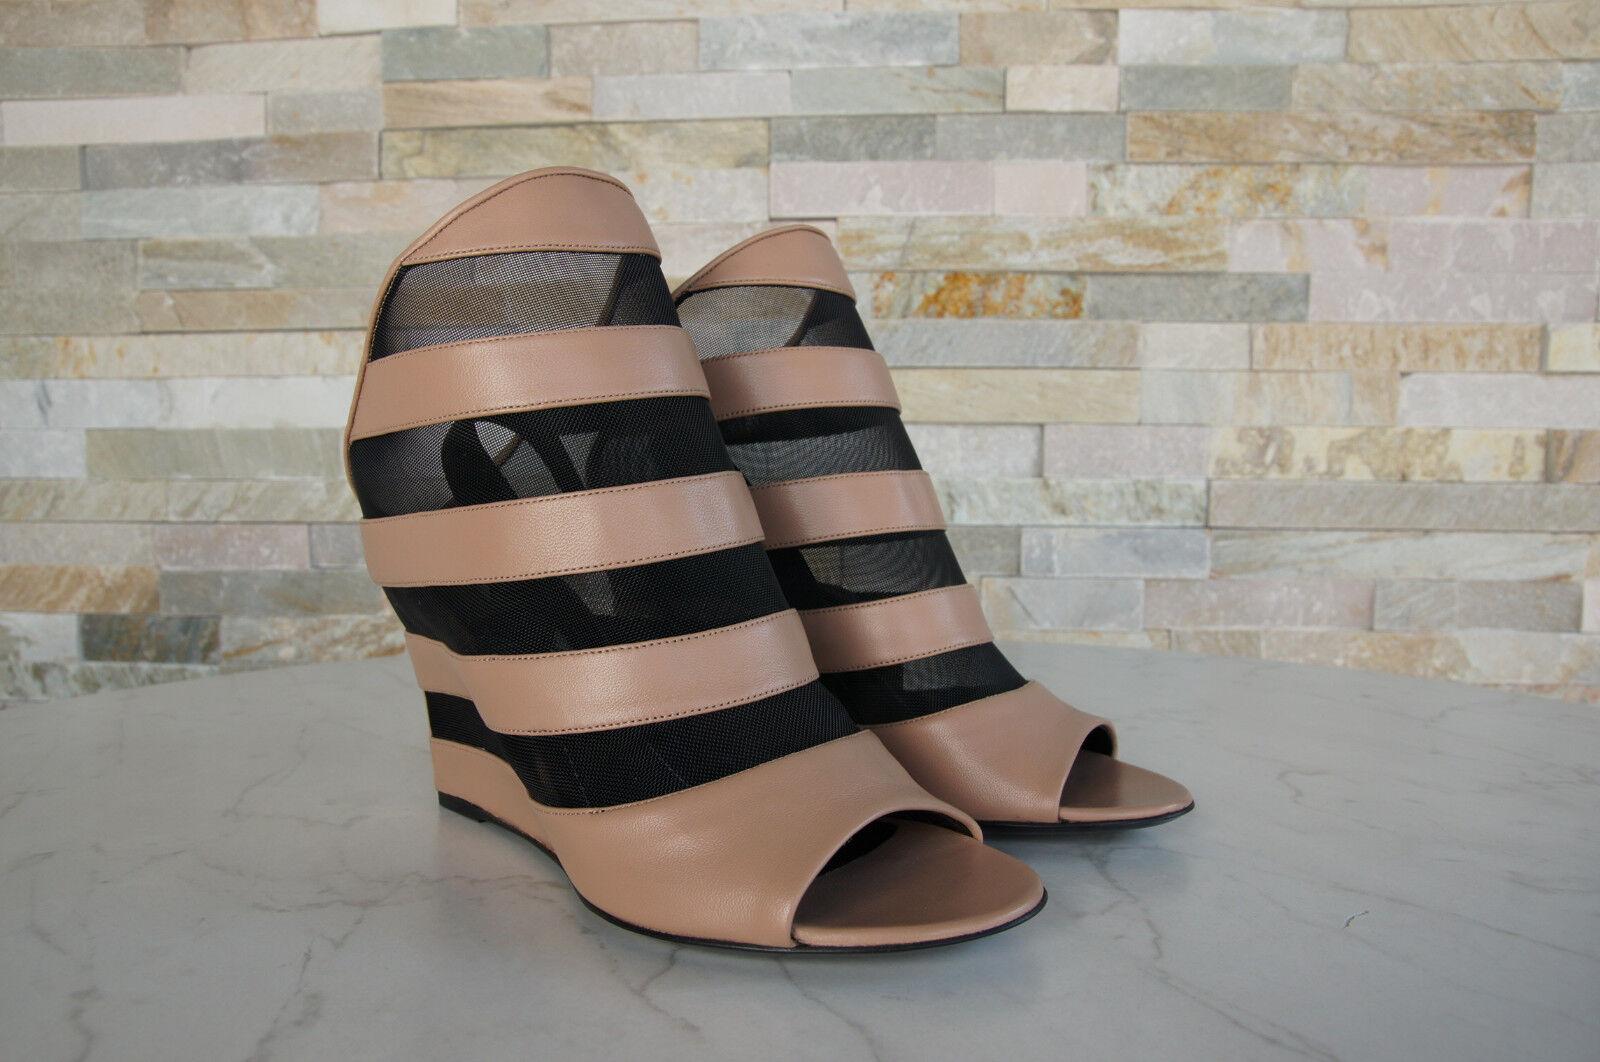 0a25fd70a81332 ... luxus Netz BALENCIAGA Gr 37 Keil Netz luxus Sandaletten Schuhe braun  neu dd2109 ...